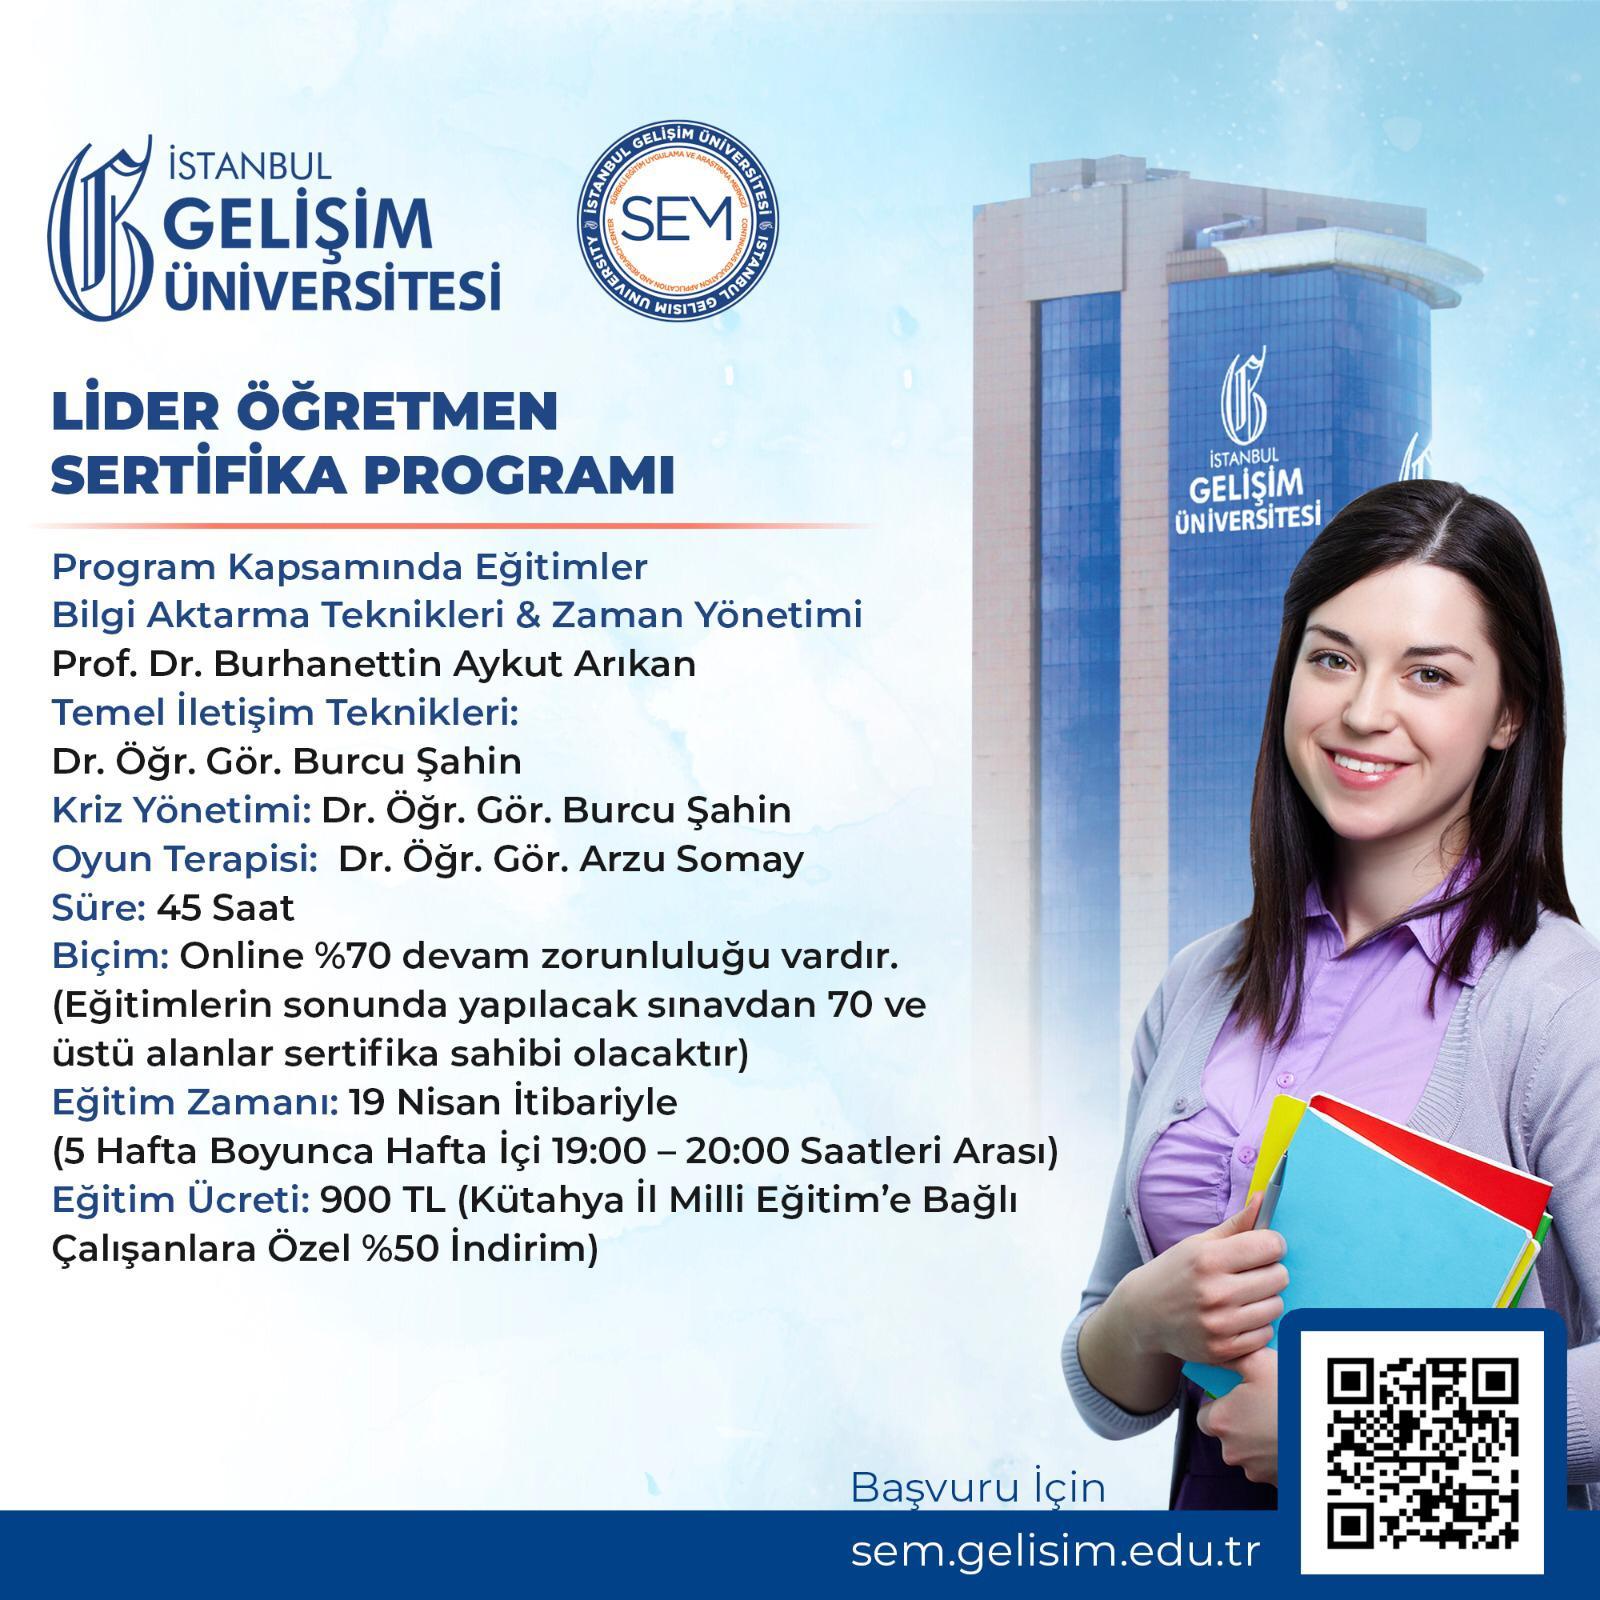 Lider Öğretmen Sertifika Programı